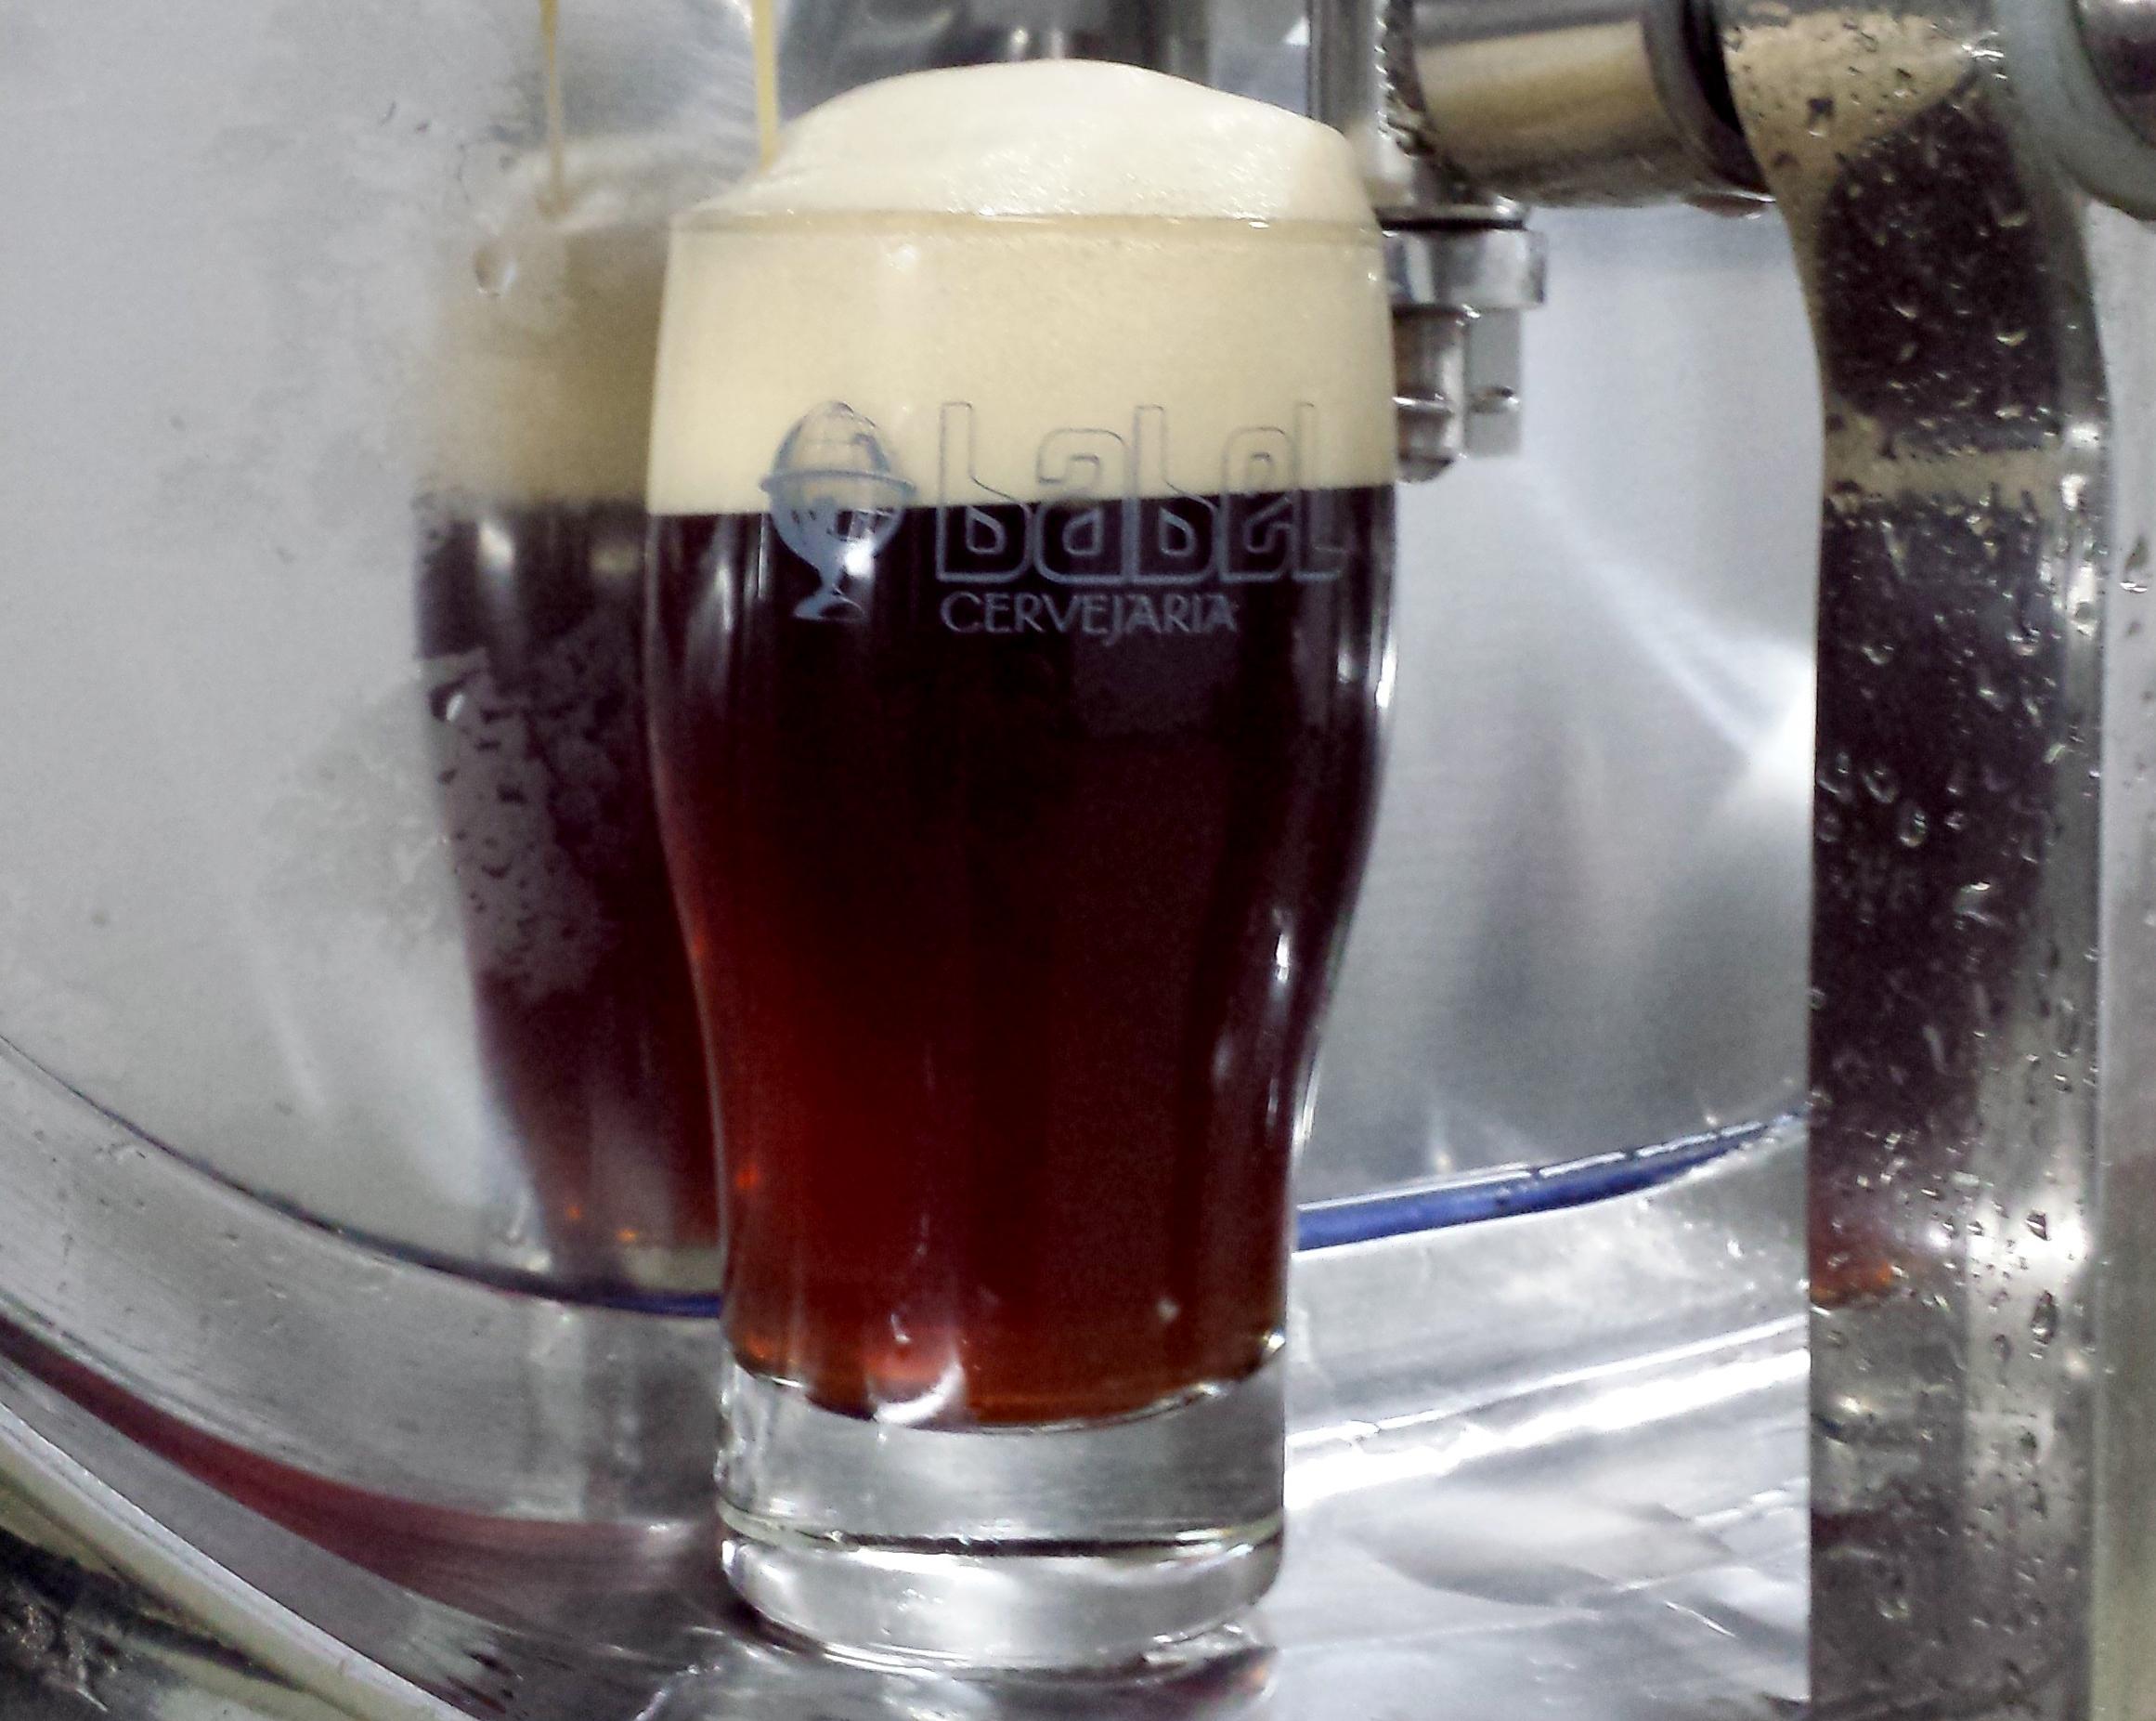 A Humbocktem 7% de teor alcoólico e 20 IBUS (Foto: Divulgação)